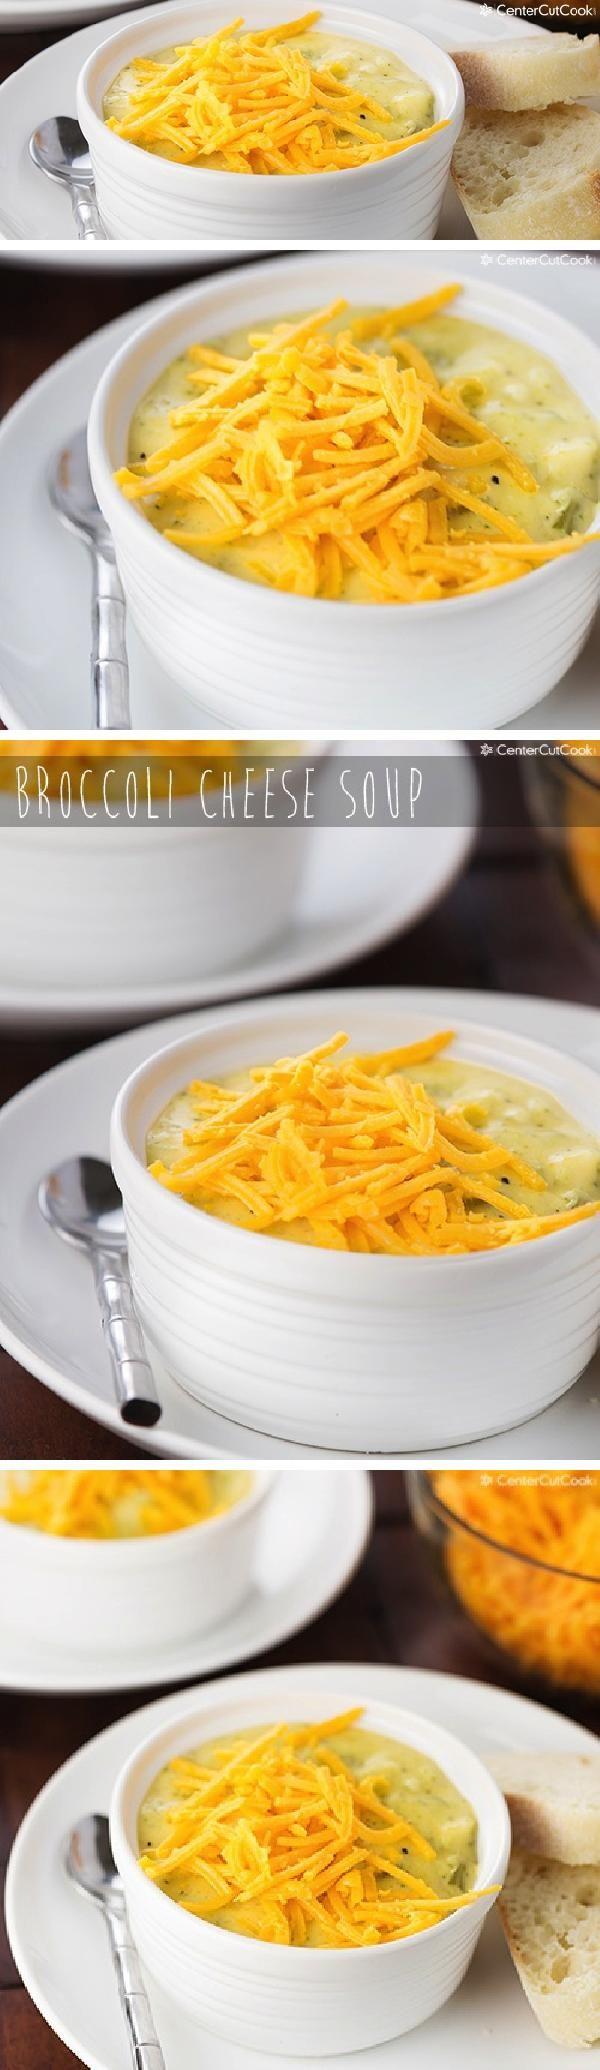 Creamy cheesy BROCCOLI CHEESE SOUP {A Jason's Deli copycat recipe}